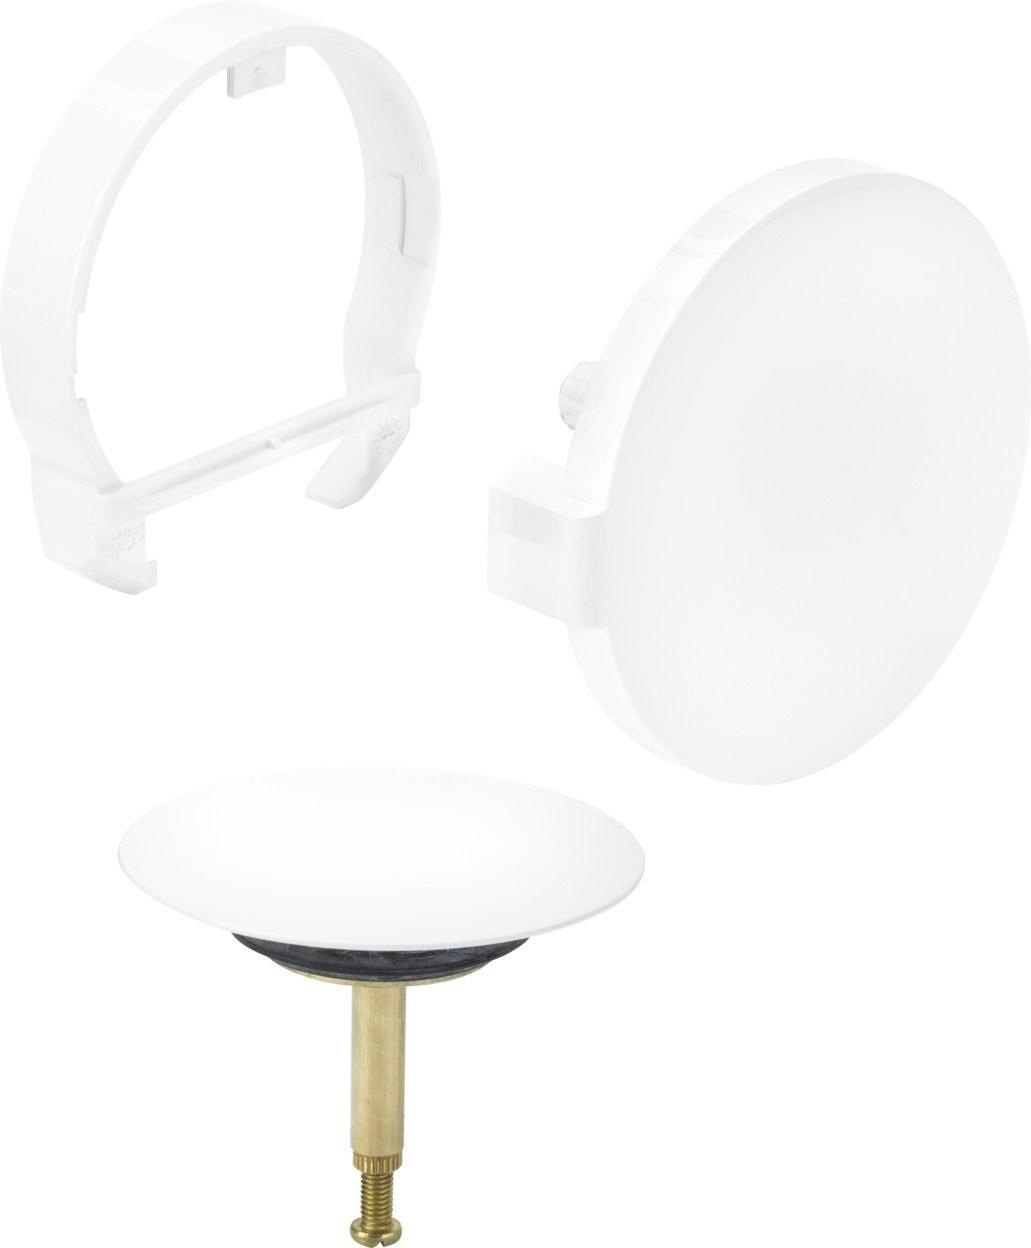 Ausstattungsset MultiplexTrio MT5, 6161.01 in design-weiß 725815